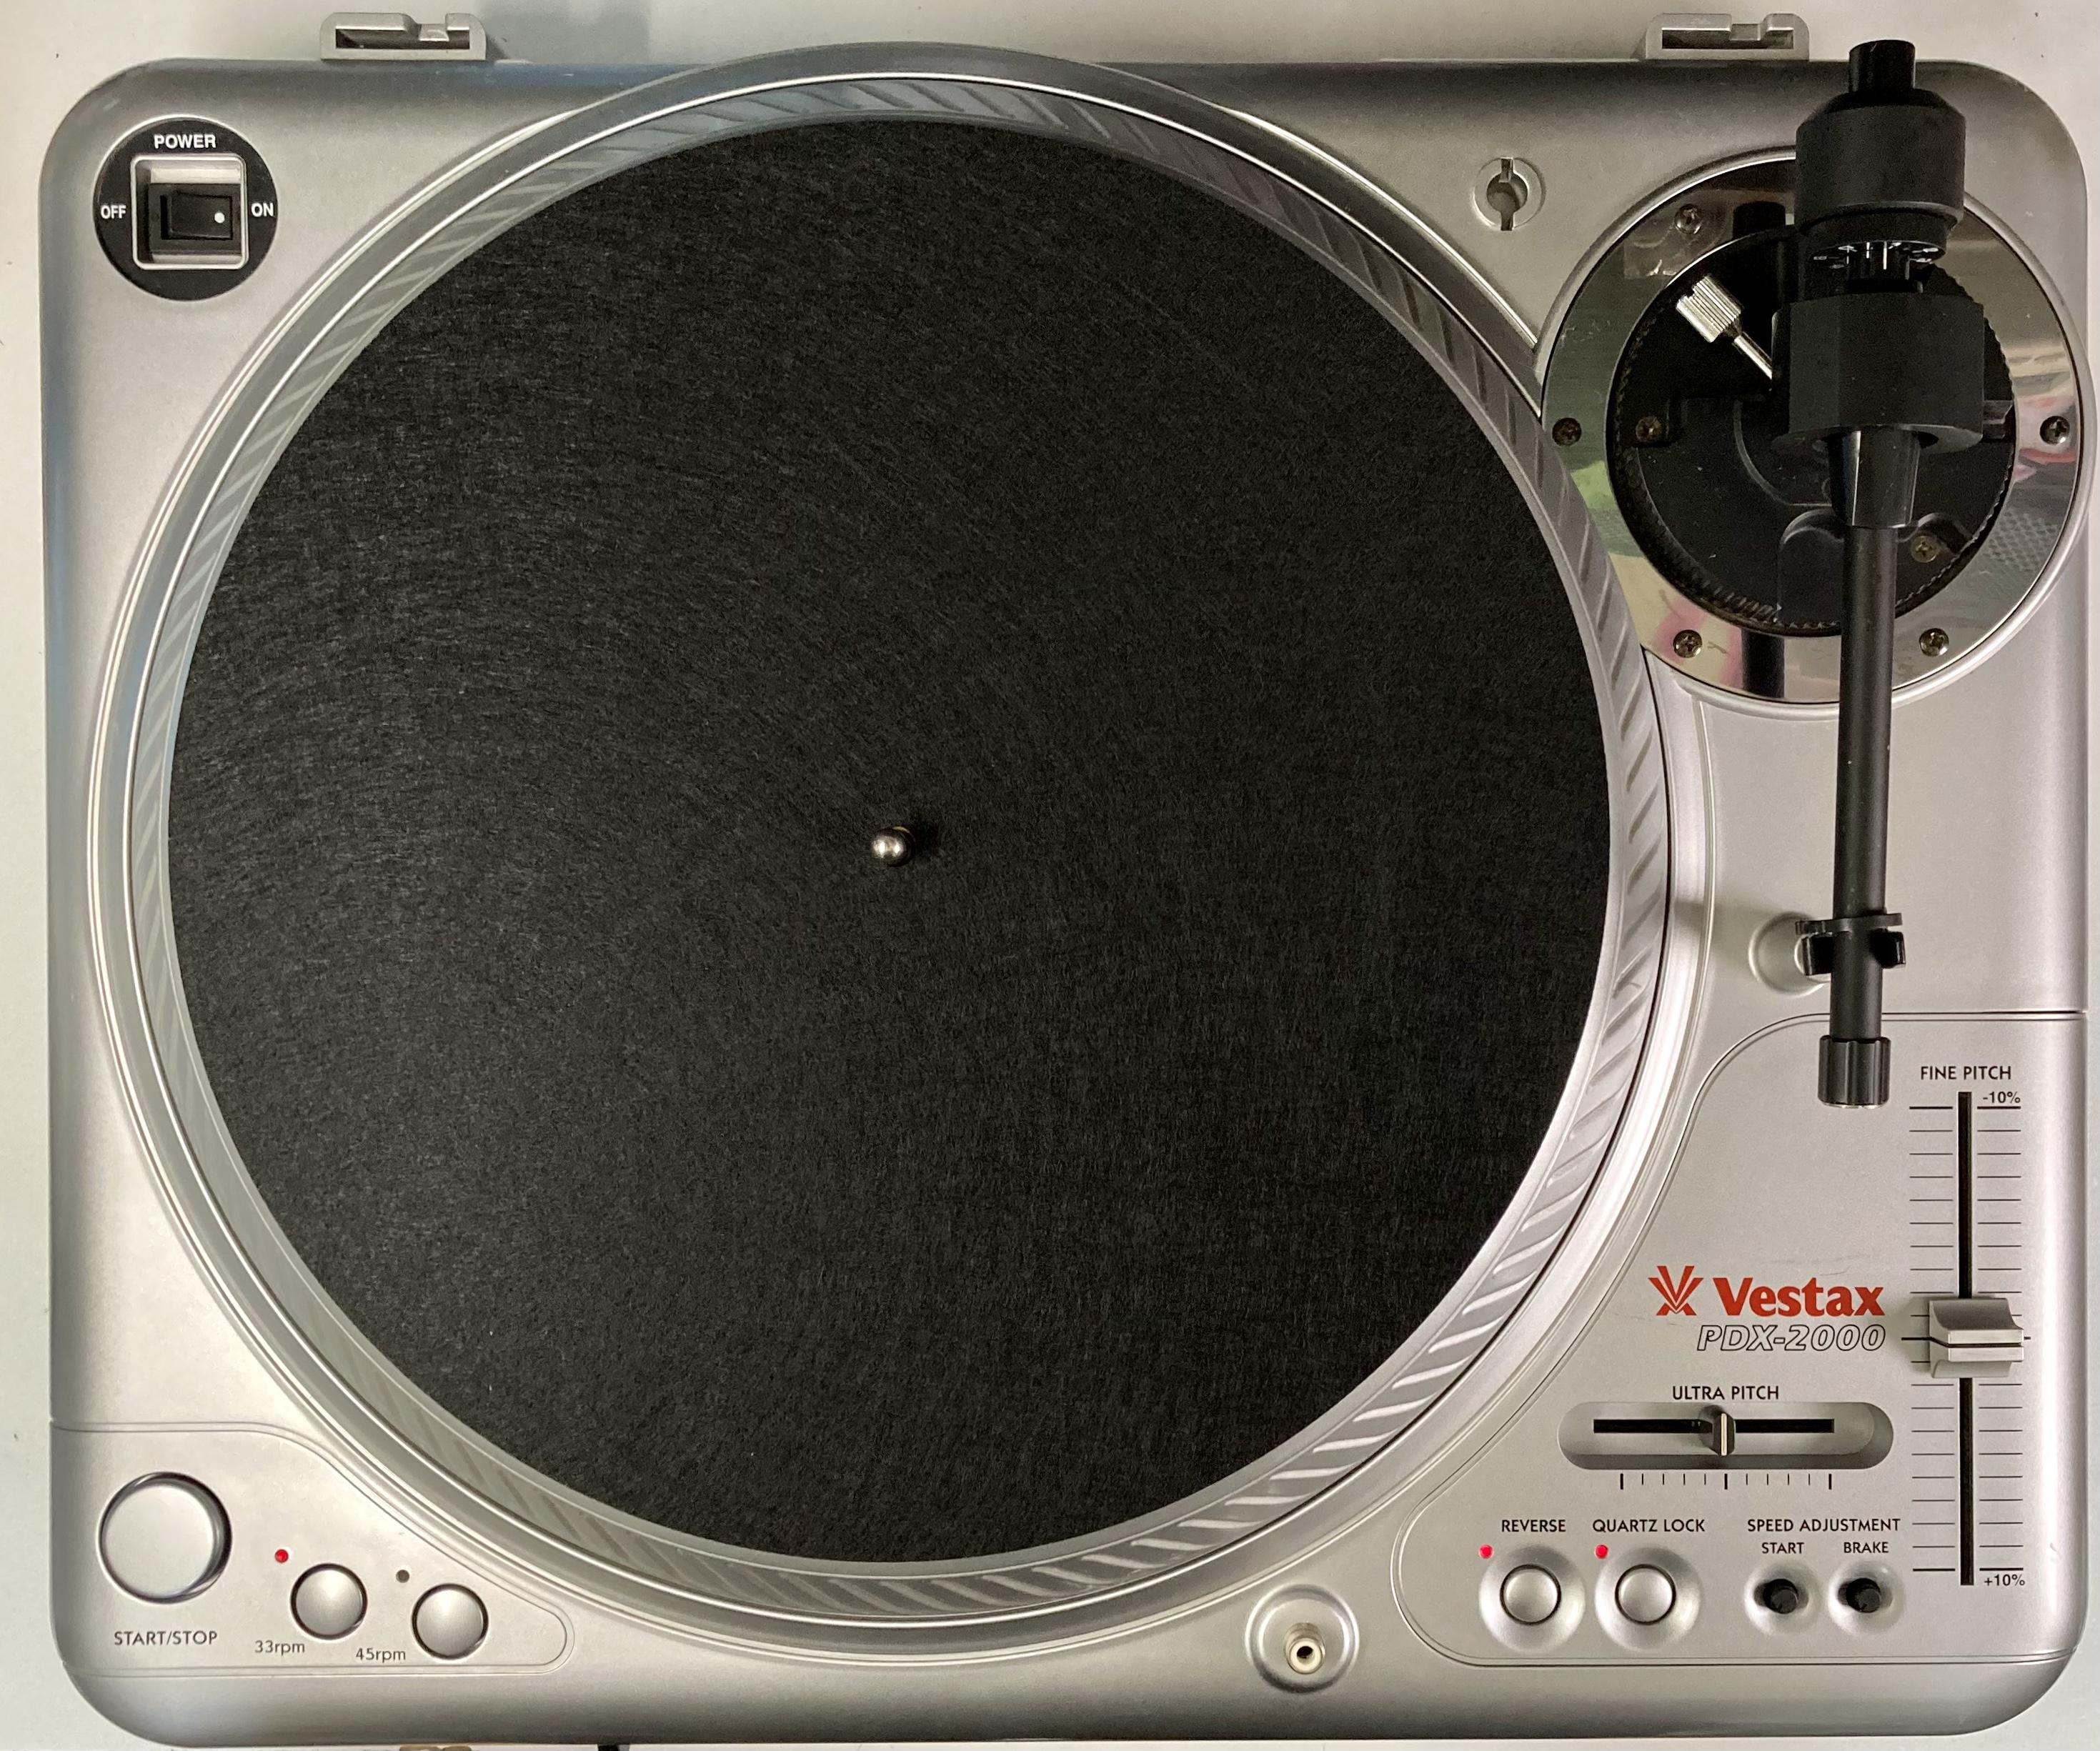 [安心のメンテナンス/カスタム済USED] Vestax PDX-2000 シルバー(インシュレーター改善品) 【6ヶ月保証付き】 TT-0108